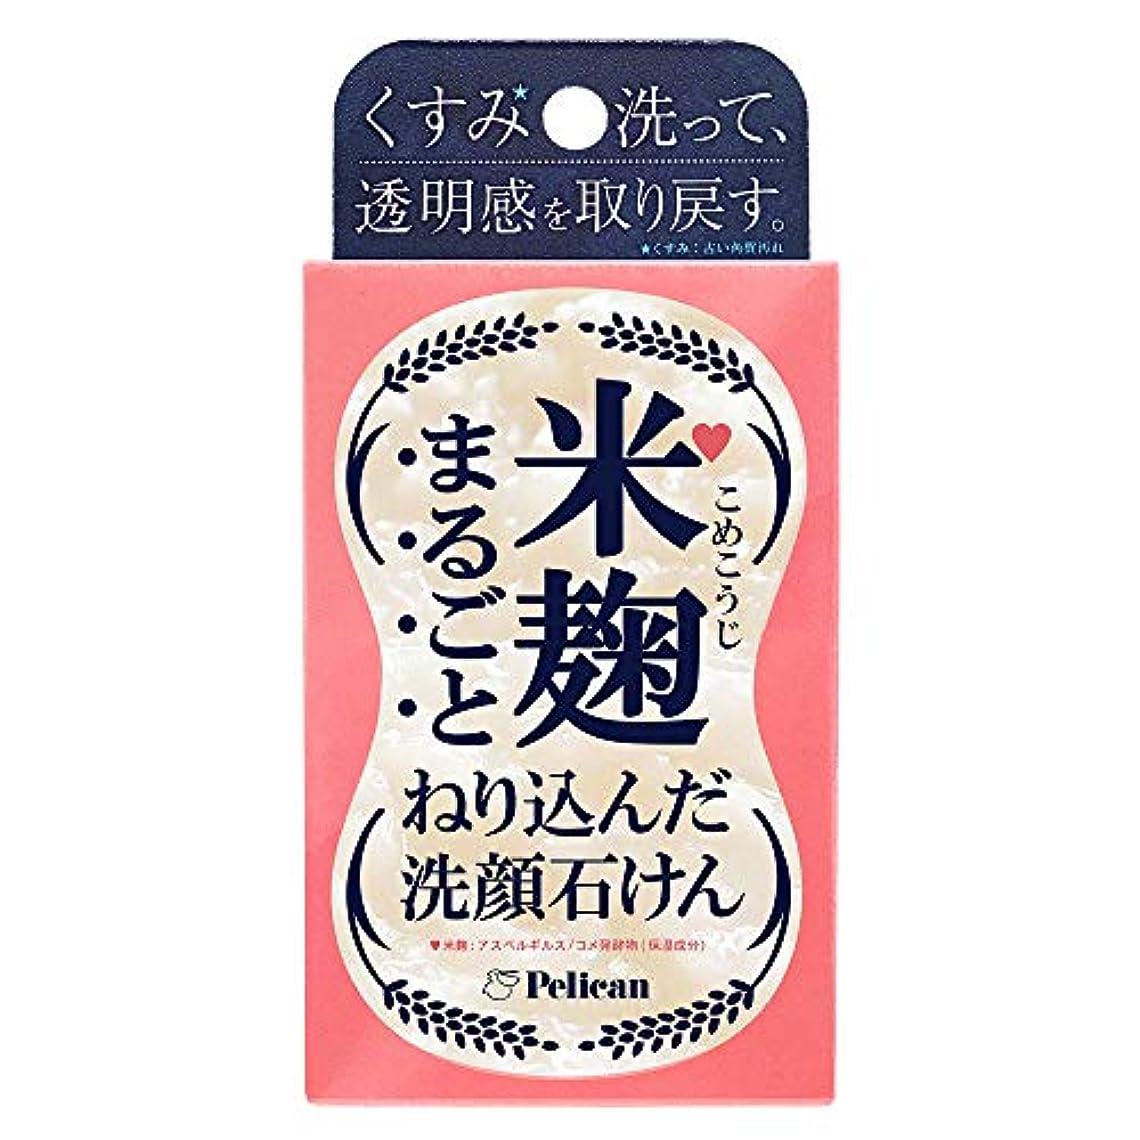 話をする苦味カニペリカン石鹸 米麹まるごとねり込んだ洗顔石けん 75g